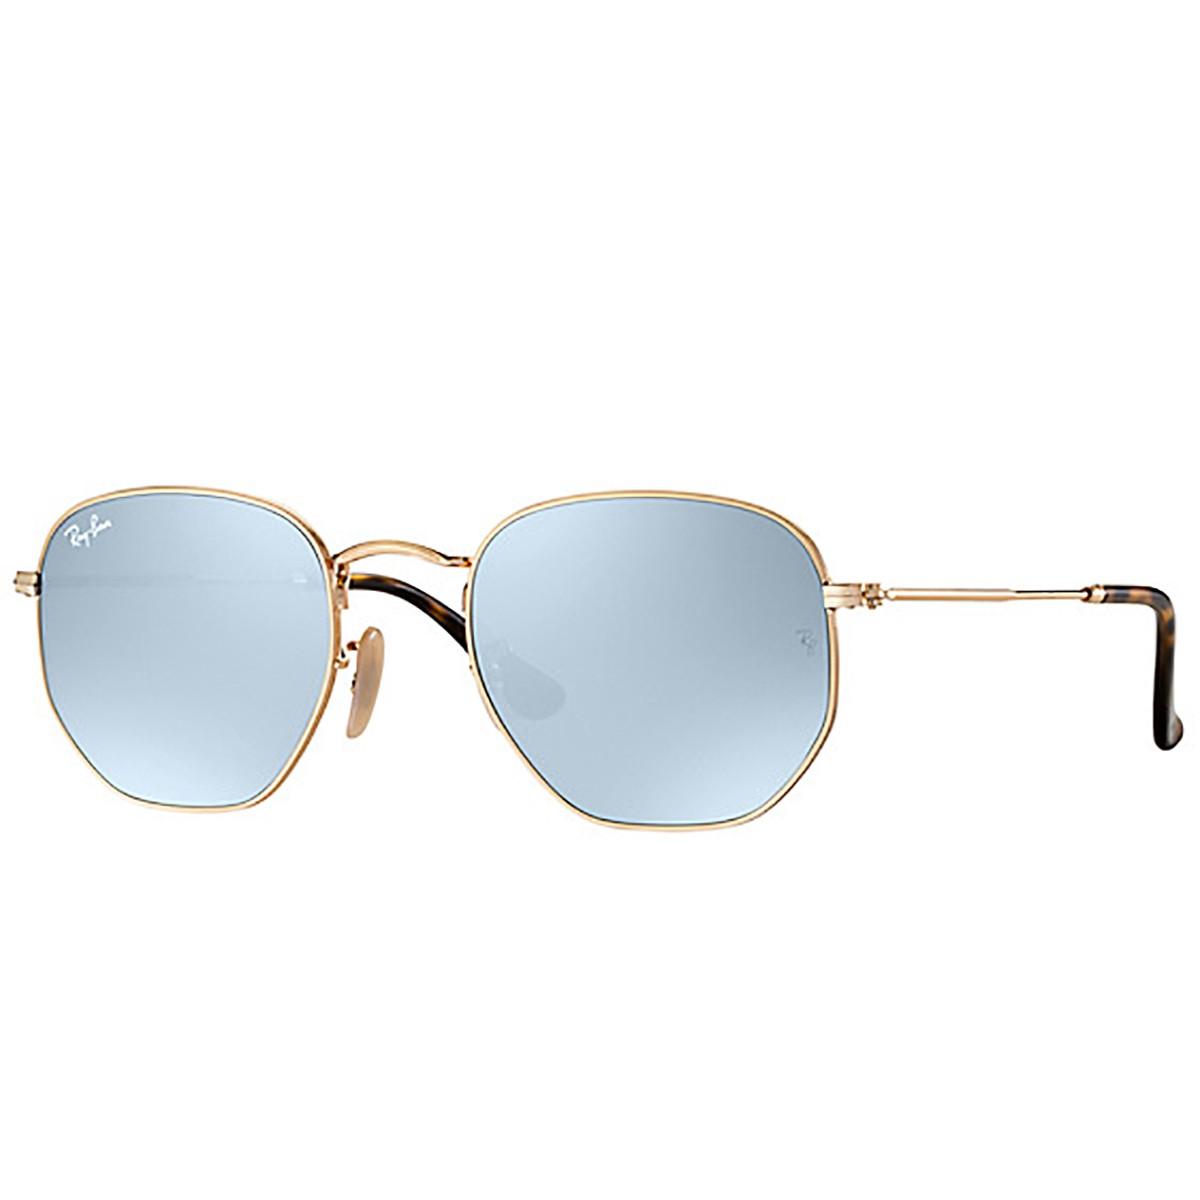 4a3c18ef354d1 Compre Óculos de Sol Ray Ban Hexagonal OverSized em 10X